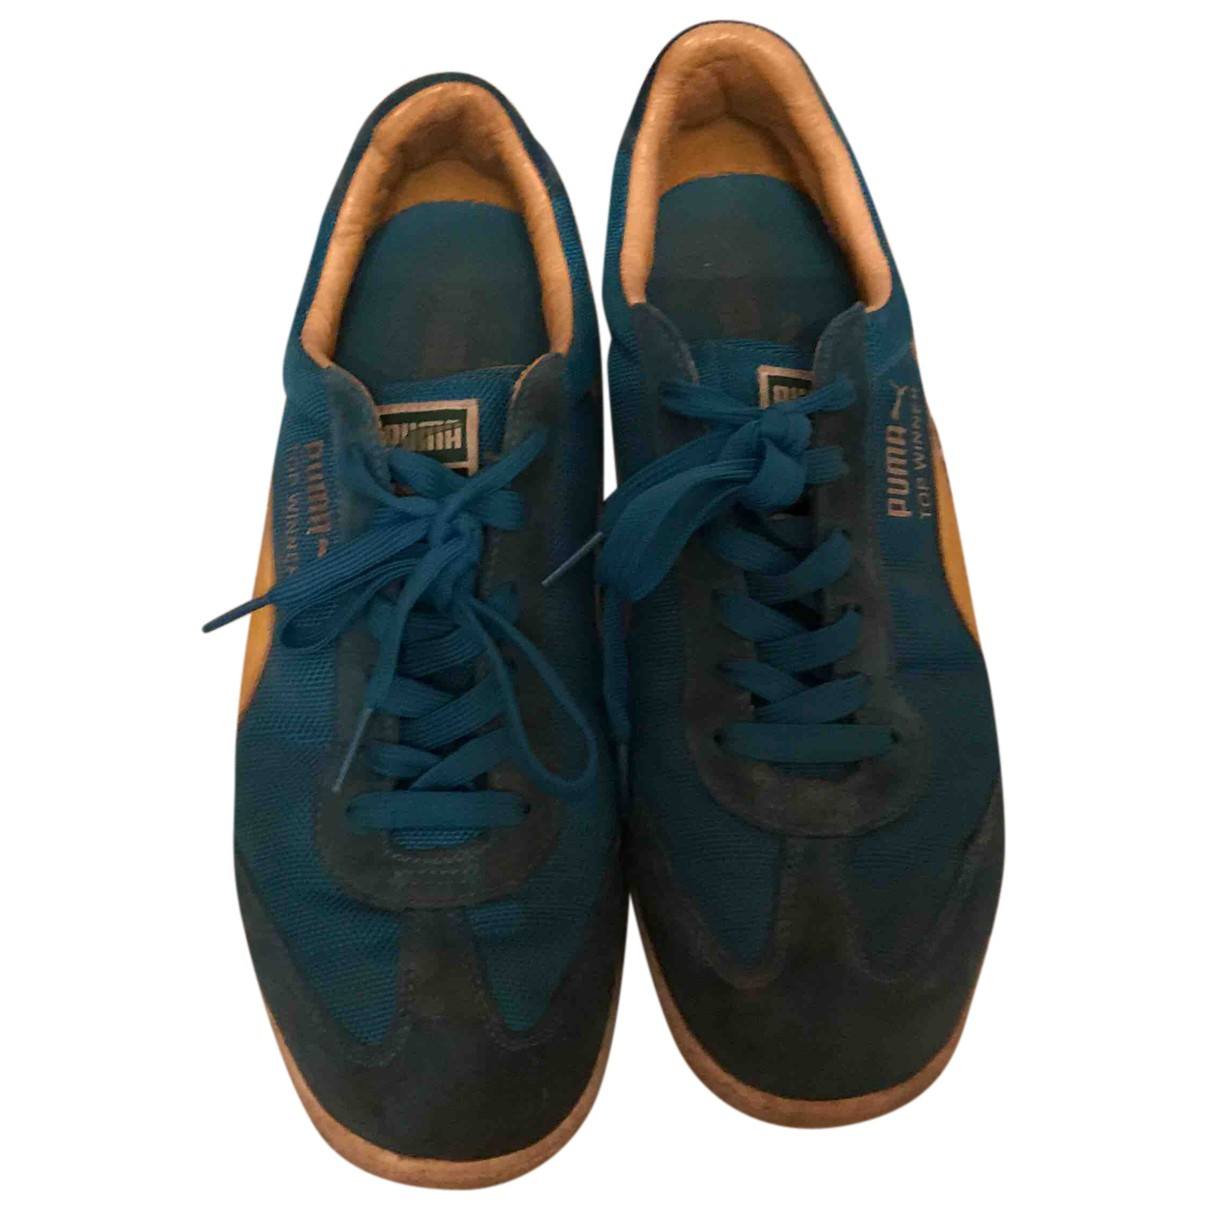 Puma - Baskets   pour homme en toile - bleu